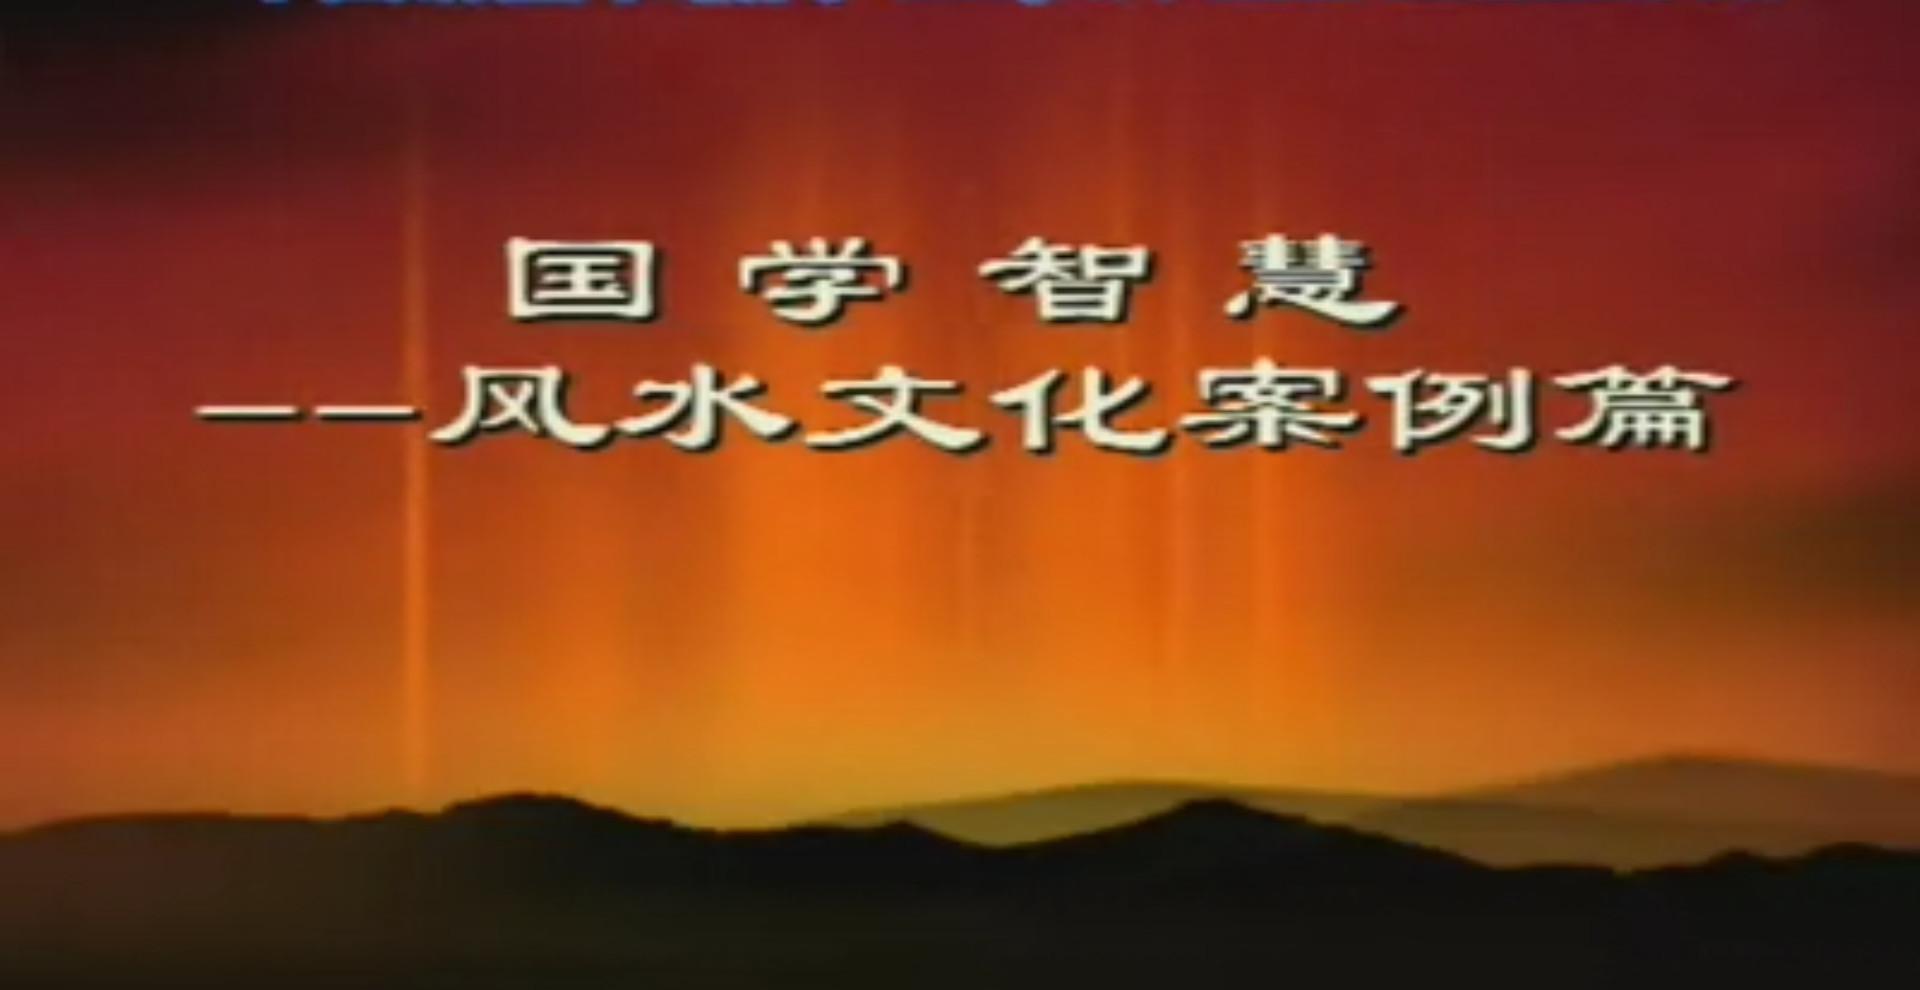 于希贤-国学智慧-风水文化:案例篇-要福利,就在第一福利!